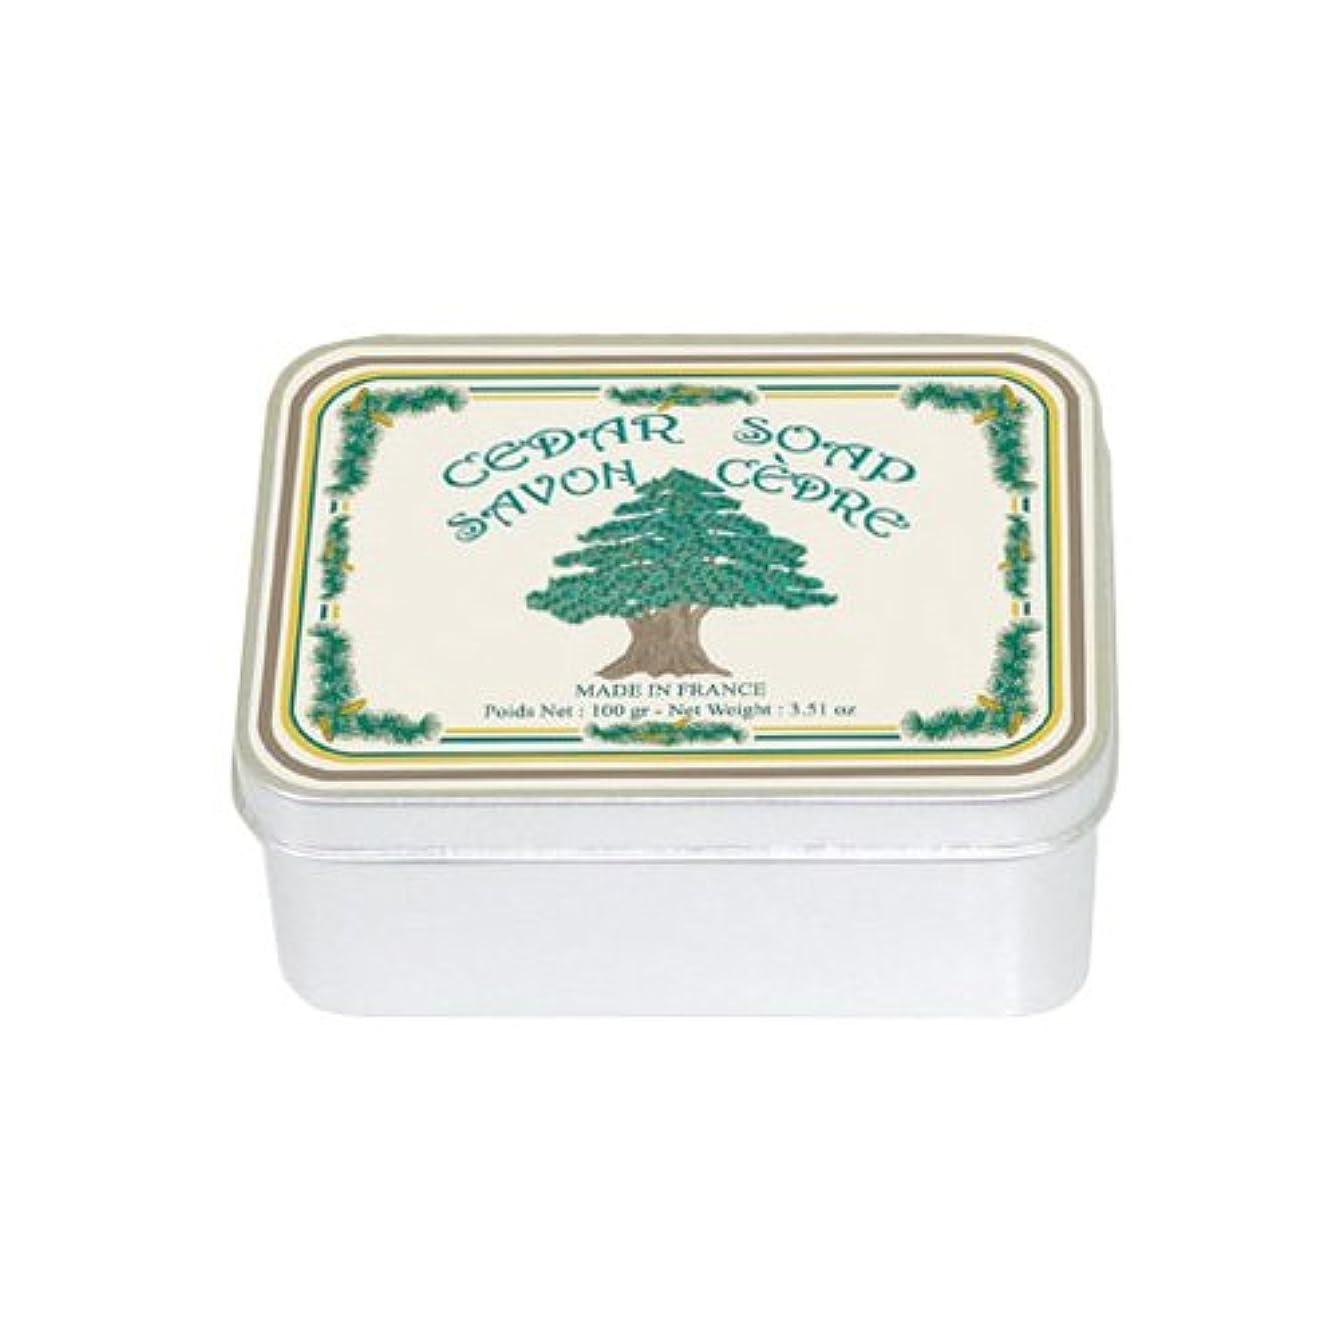 等気絶させるシリーズルブランソープ メタルボックス(シダーウッドの香り)石鹸